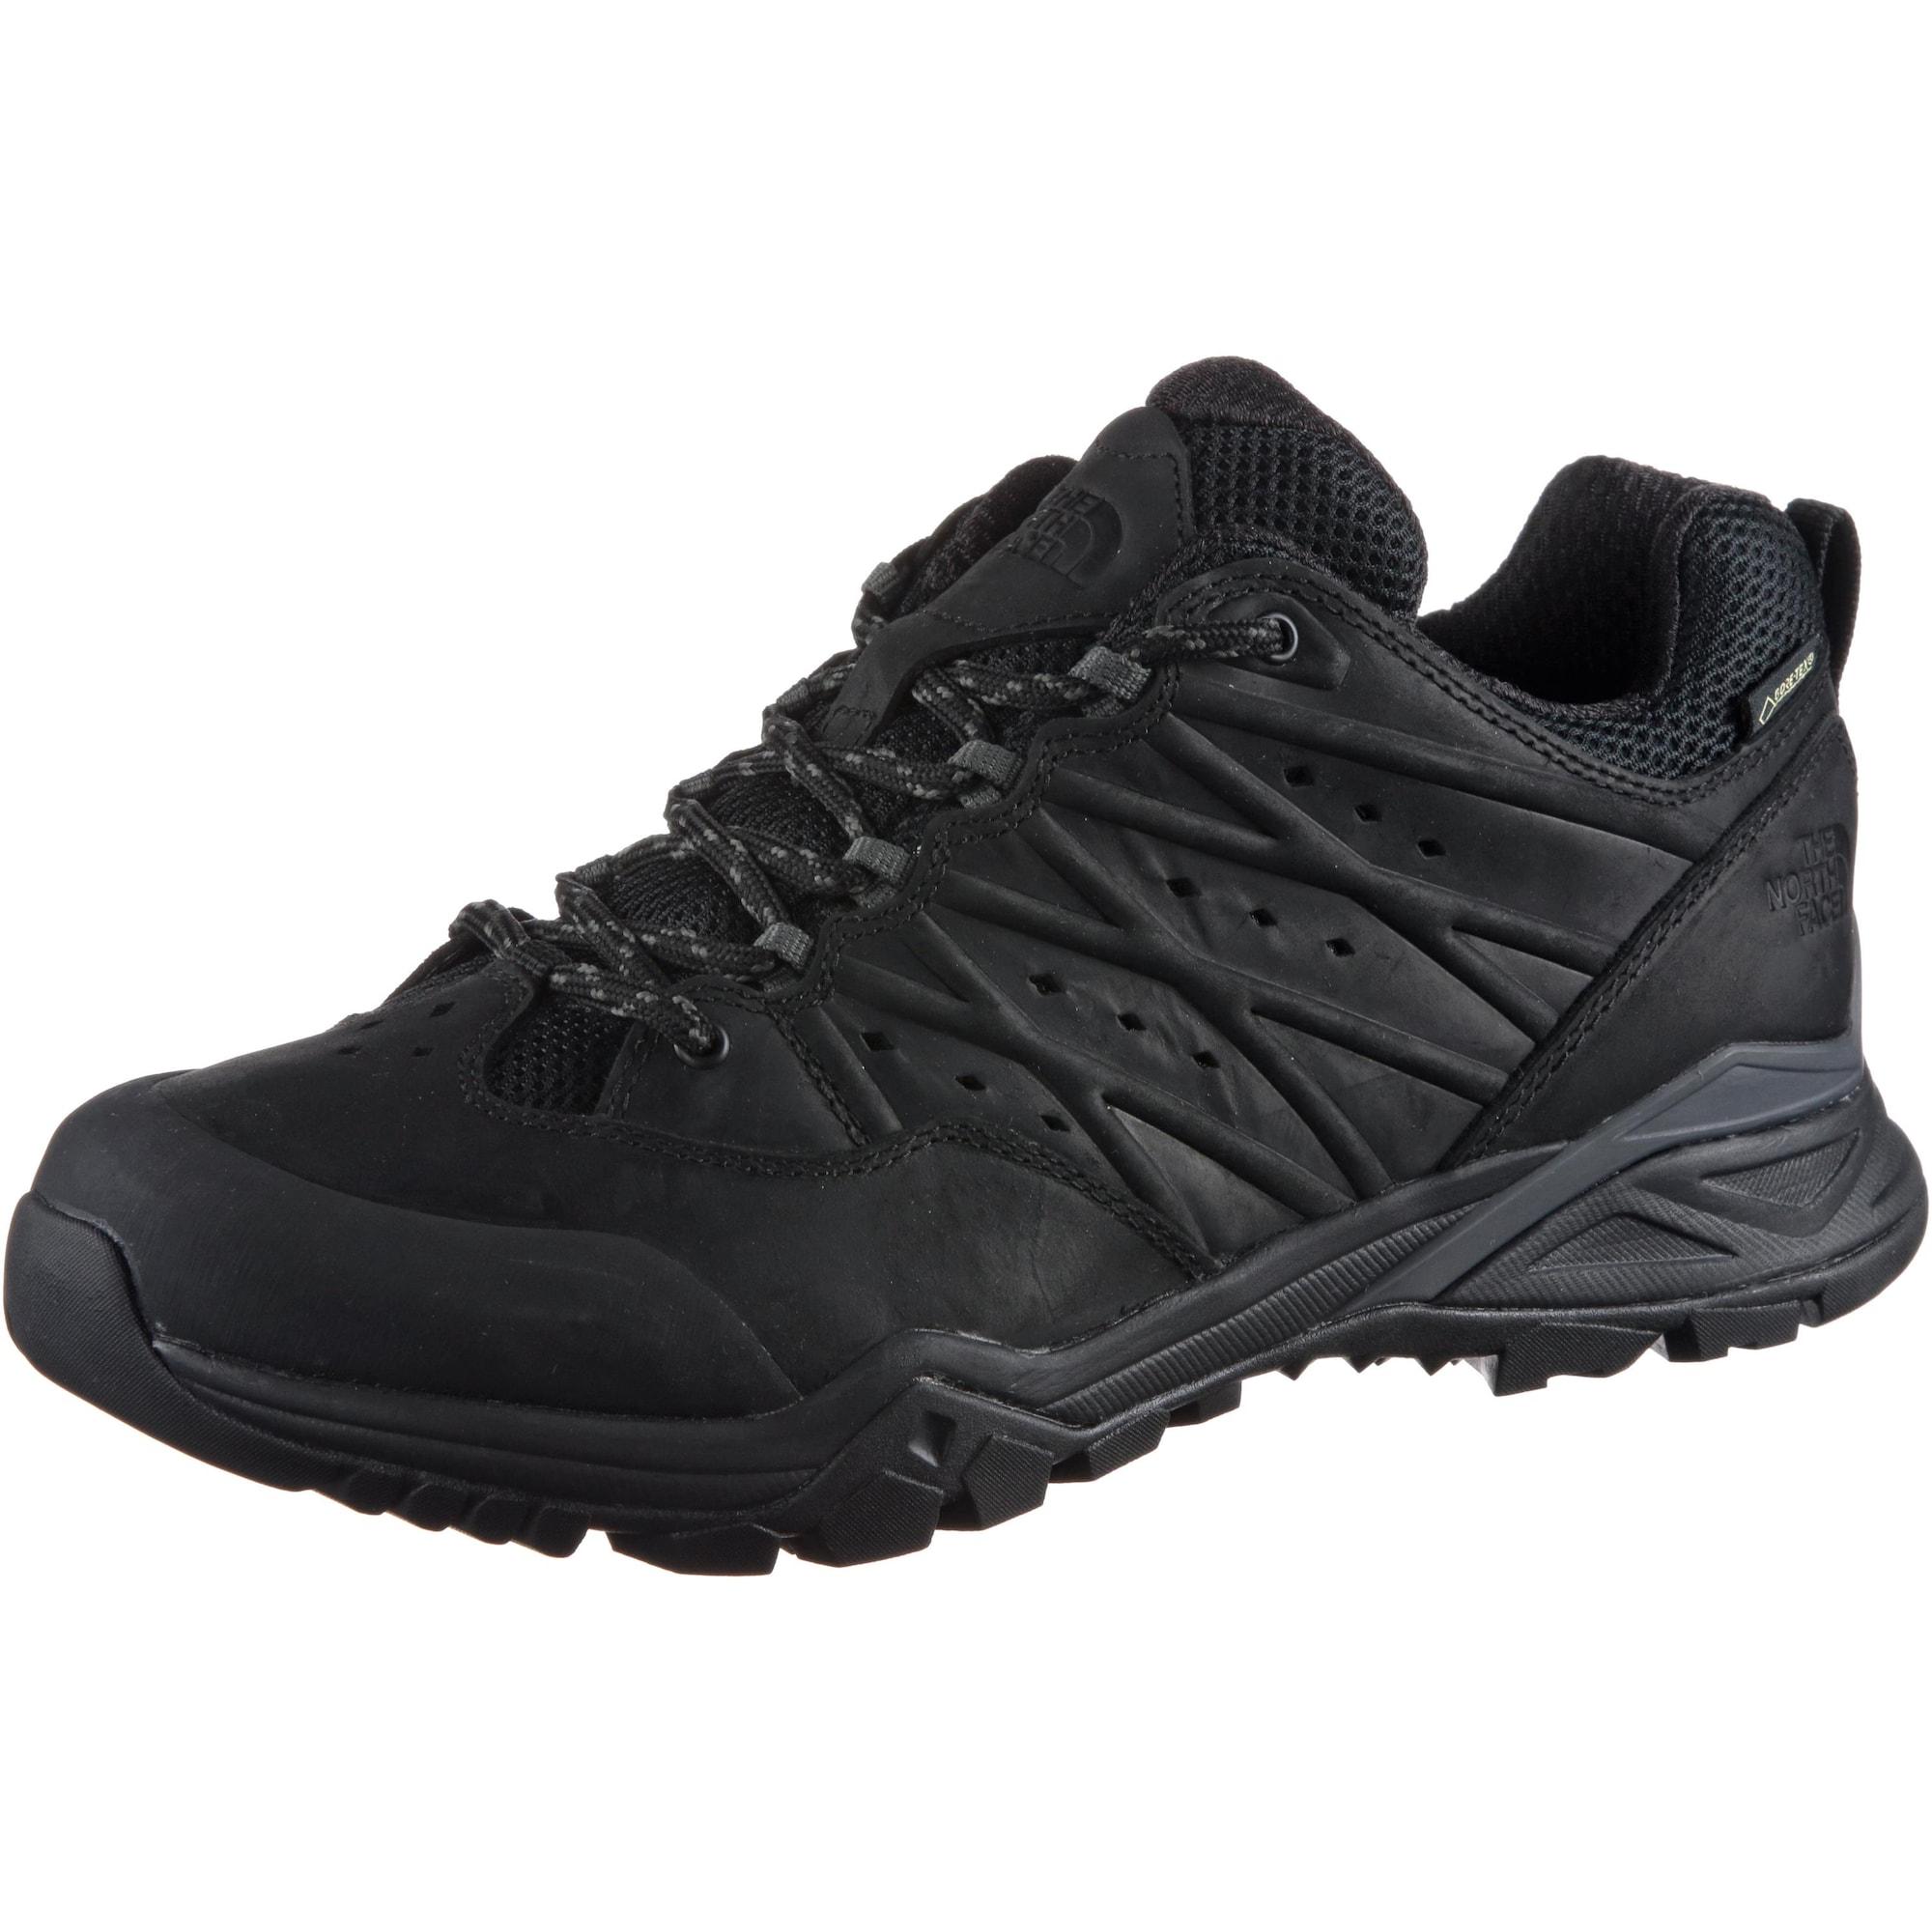 Wanderschuhe 'Hedgehog Hike II GTX®' | Schuhe > Outdoorschuhe > Wanderschuhe | The North Face